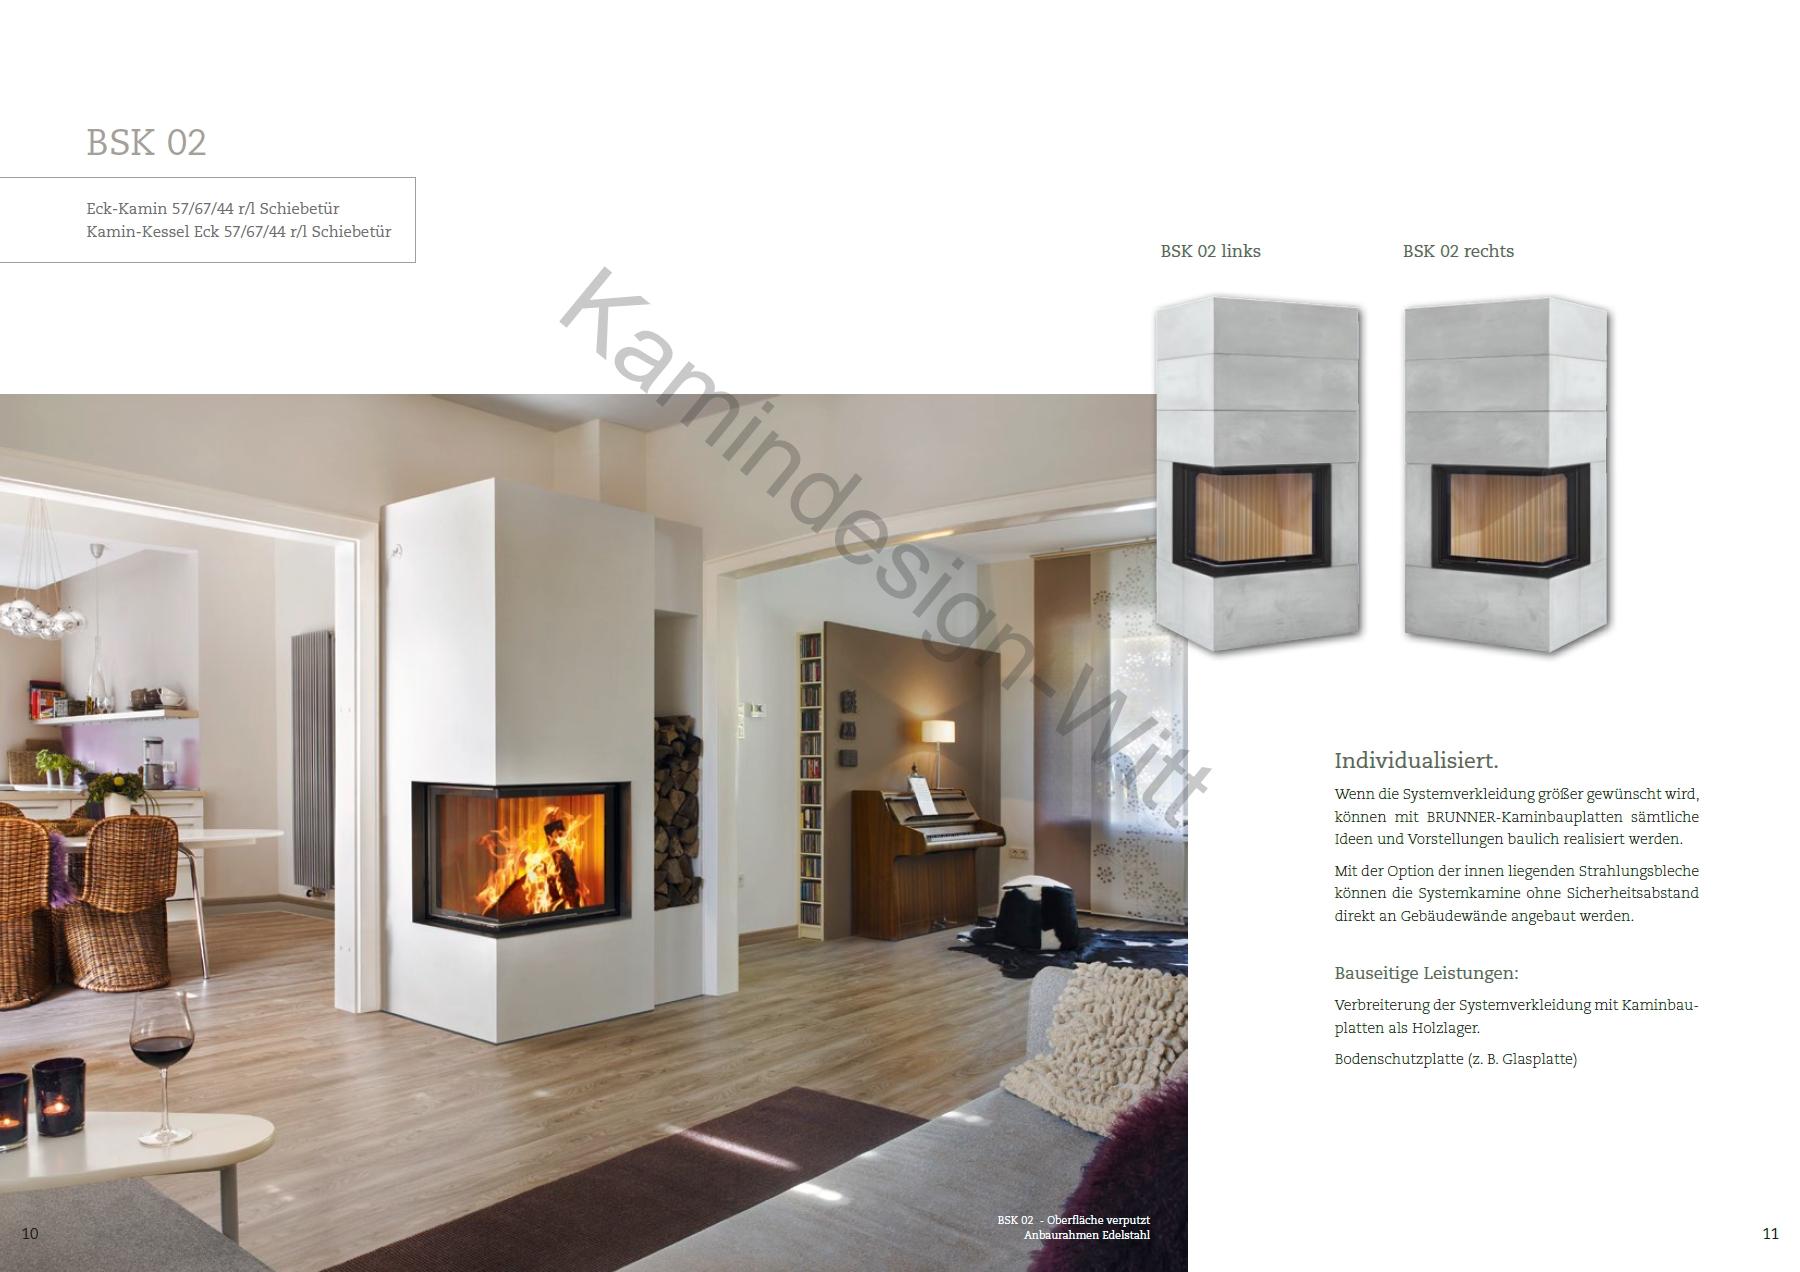 kamin in vorhandenen schornstein einbauen schornstein mit integriertem kamineinsatz kaminofen. Black Bedroom Furniture Sets. Home Design Ideas